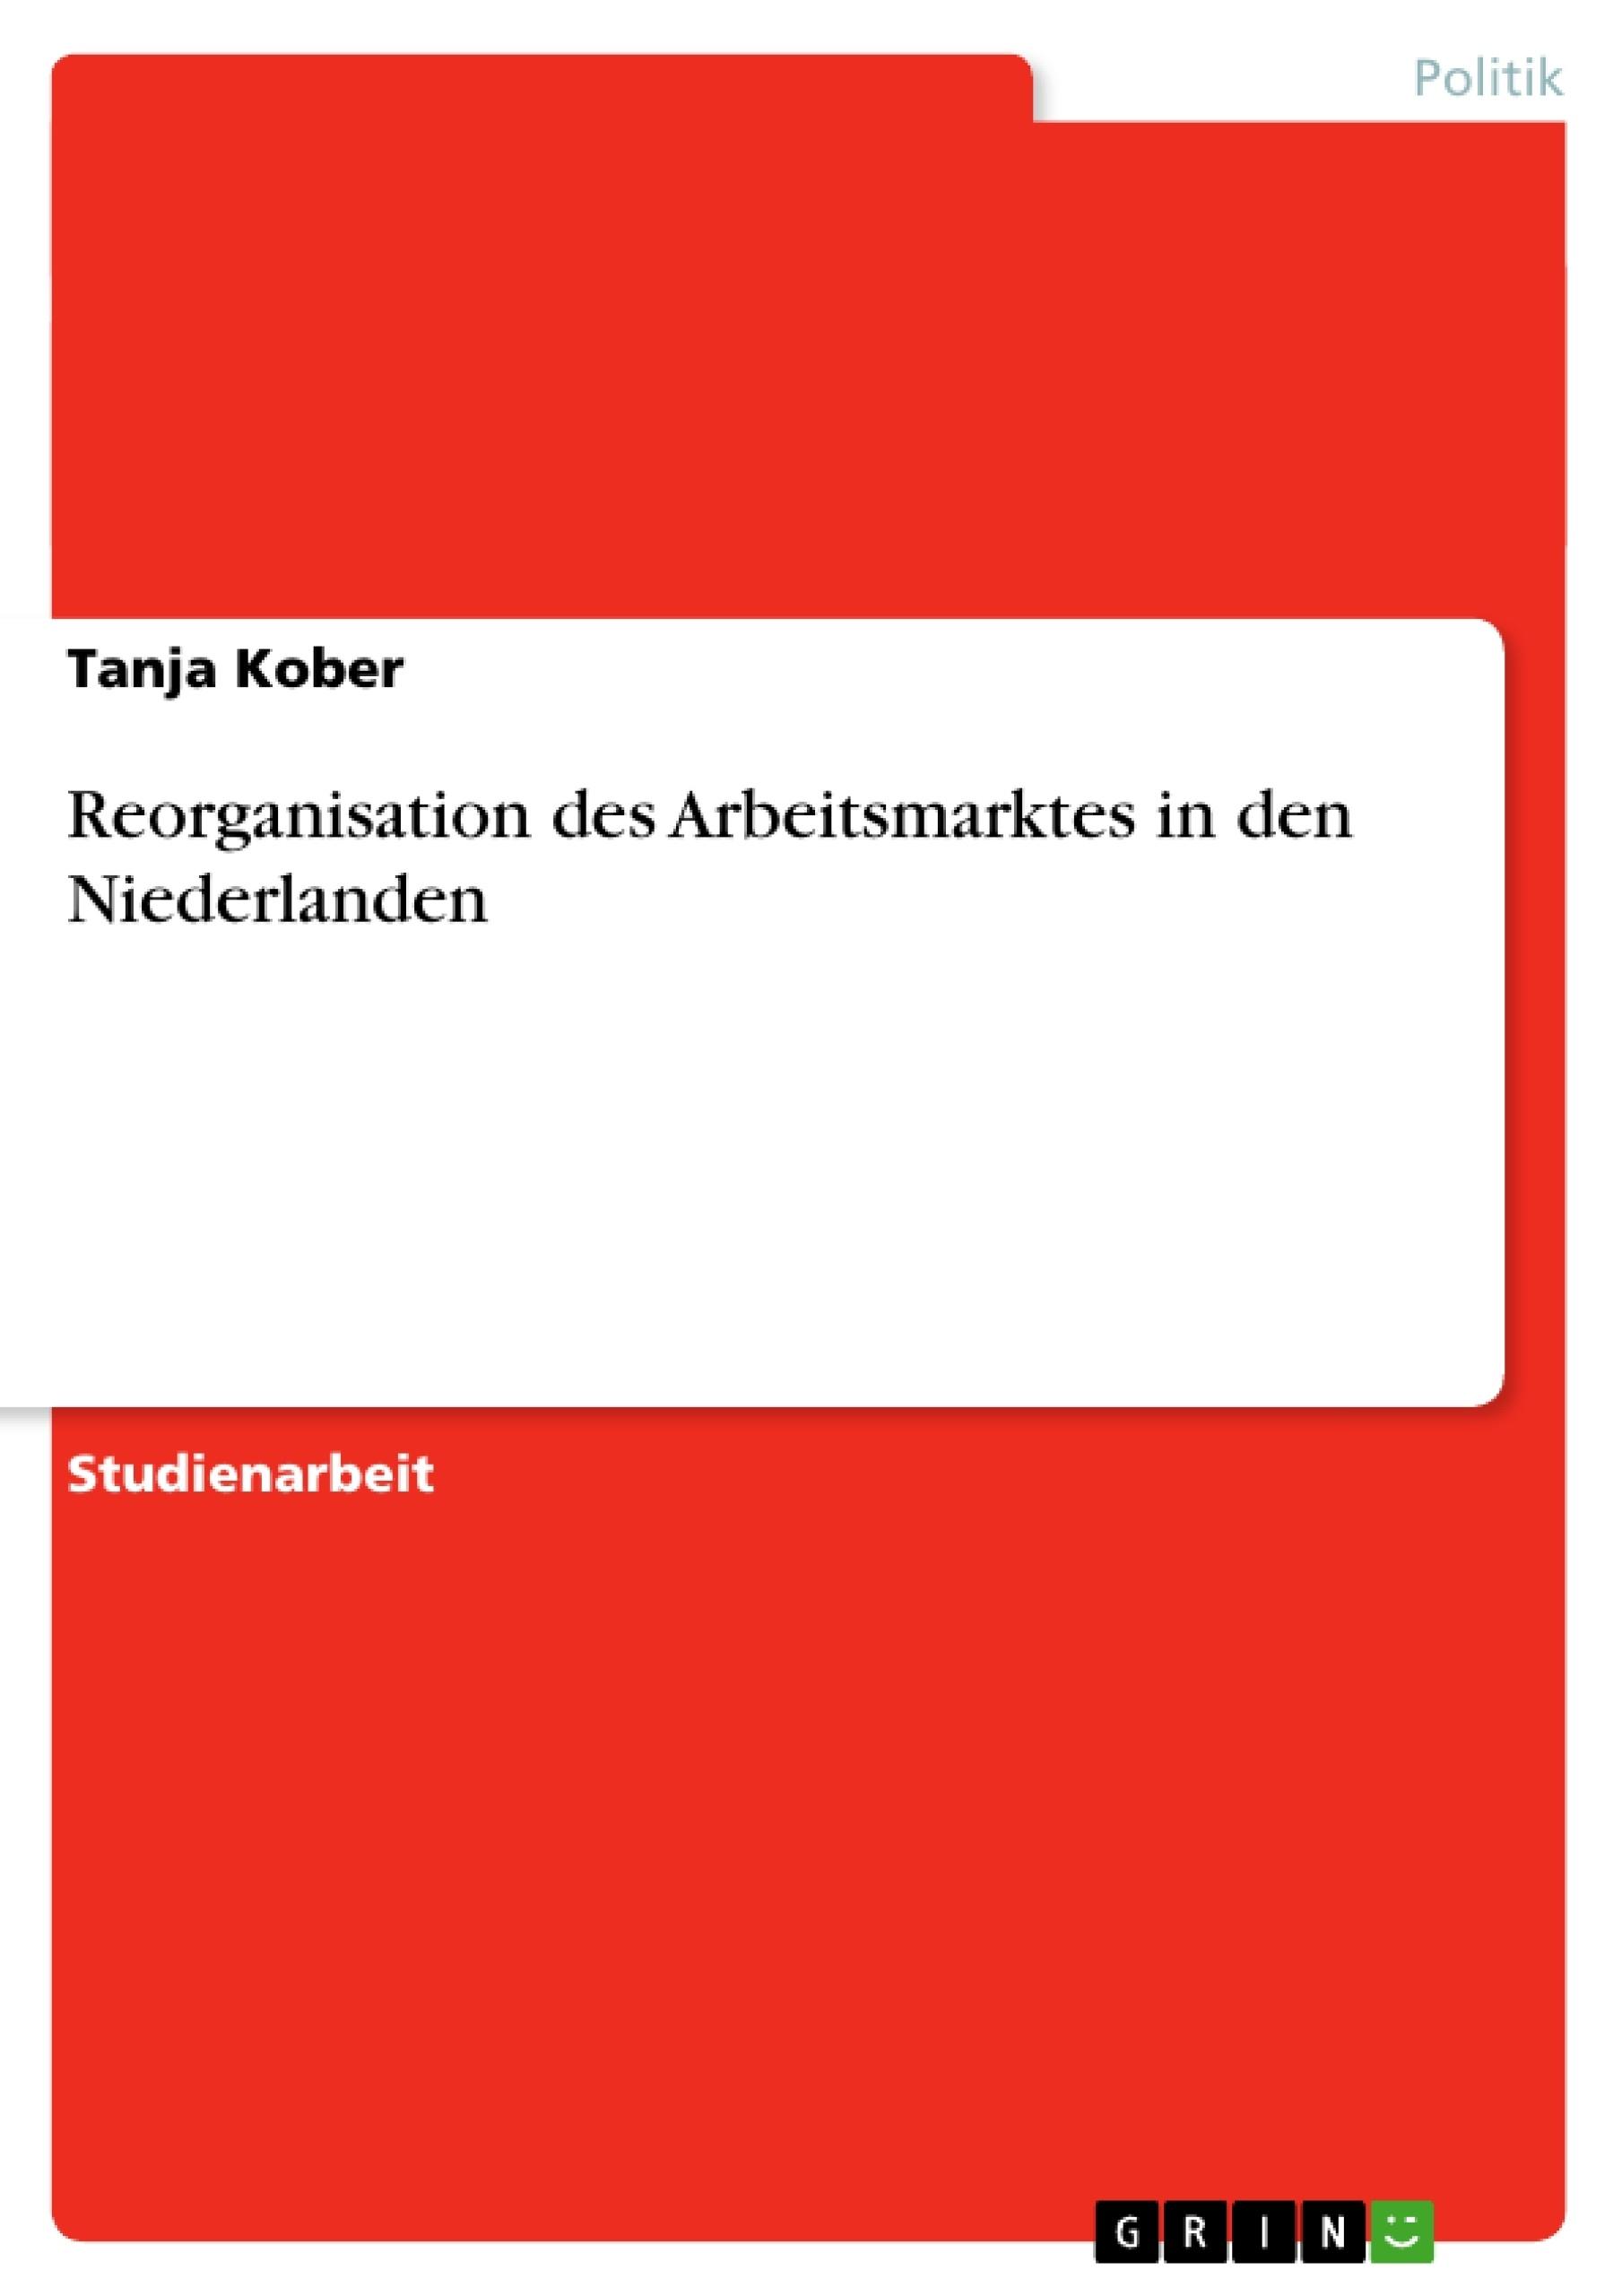 Titel: Reorganisation des Arbeitsmarktes in den Niederlanden